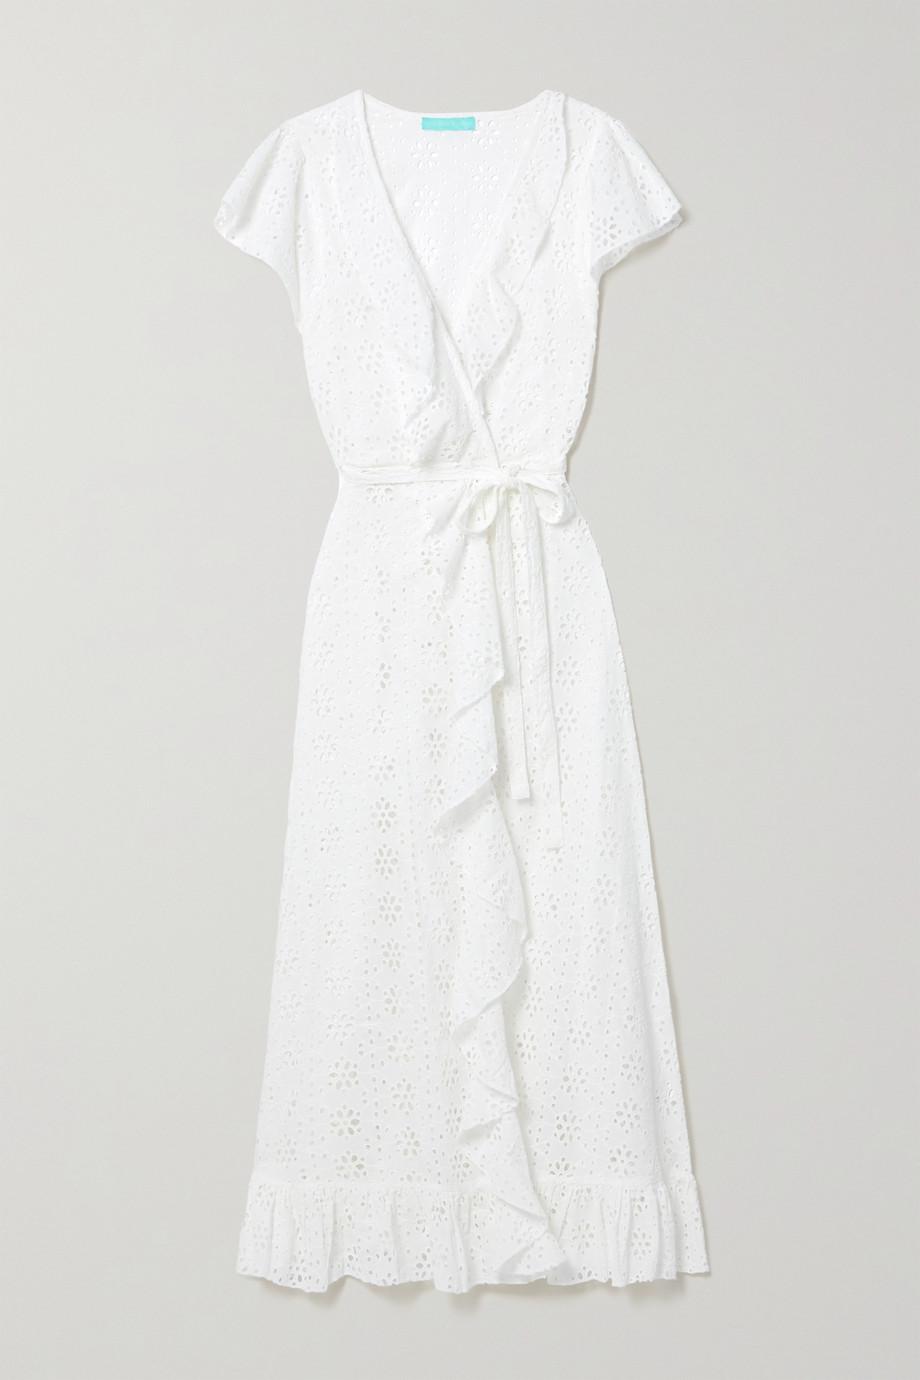 Melissa Odabash Brianna Maxi-Wickelkleid aus Baumwolle mit Lochstickerei, Rüschen und Bindegürtel